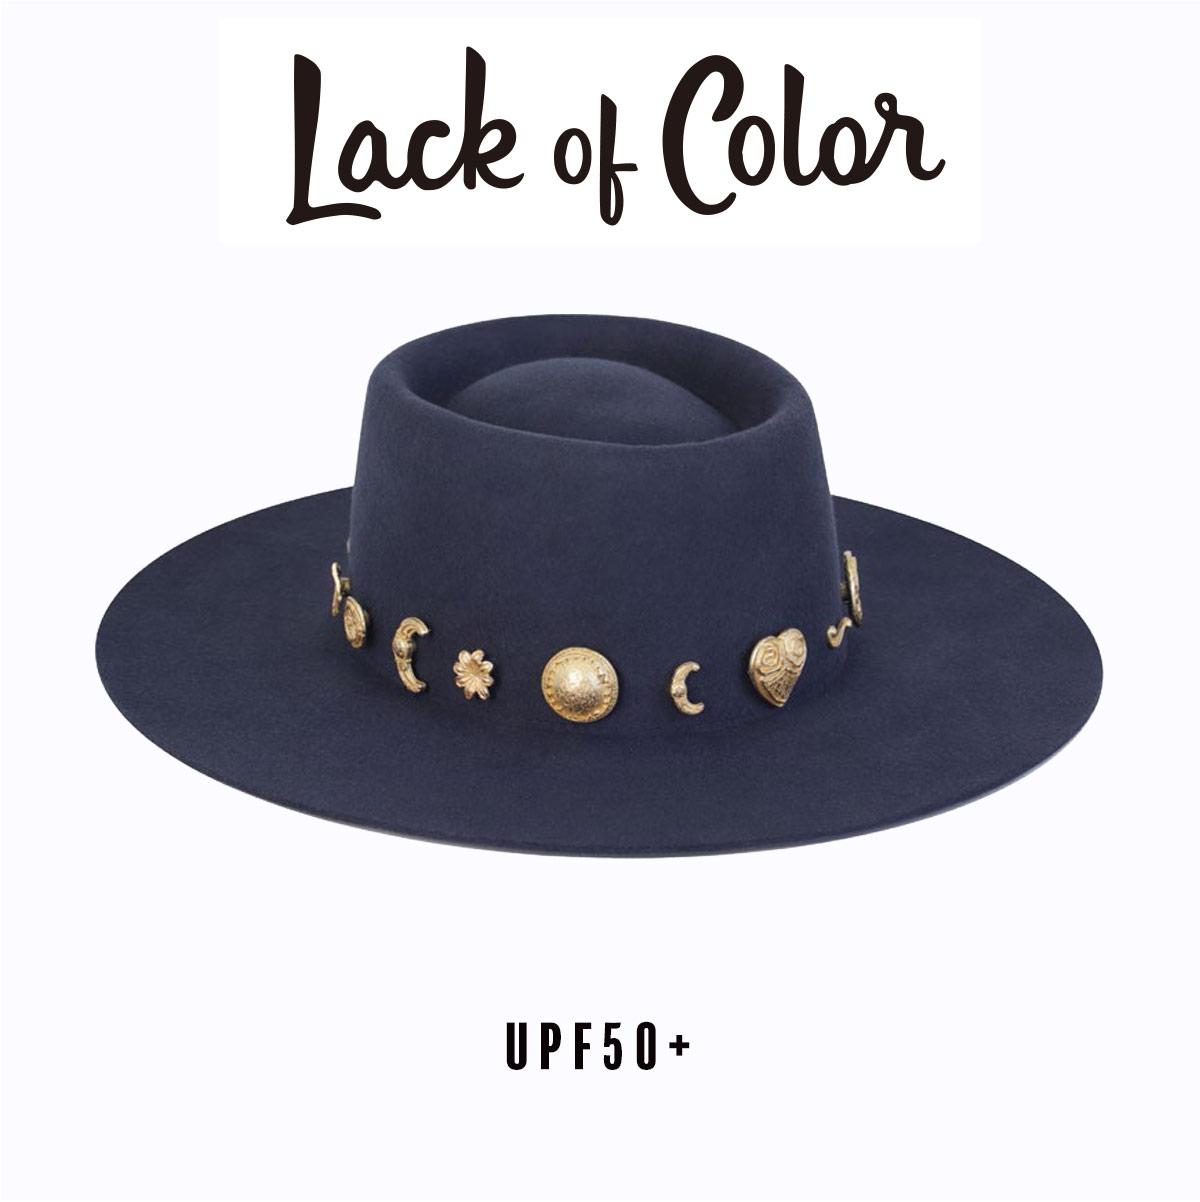 UPF50 Lack 未使用 of Color The Cosmic Boater ハット レディース メンズ ユニセックス UVカット 贈与 ラックオブカラー UPF50+ オーストラリア 紫外線対策 帽子 ウール つば広 チャーム